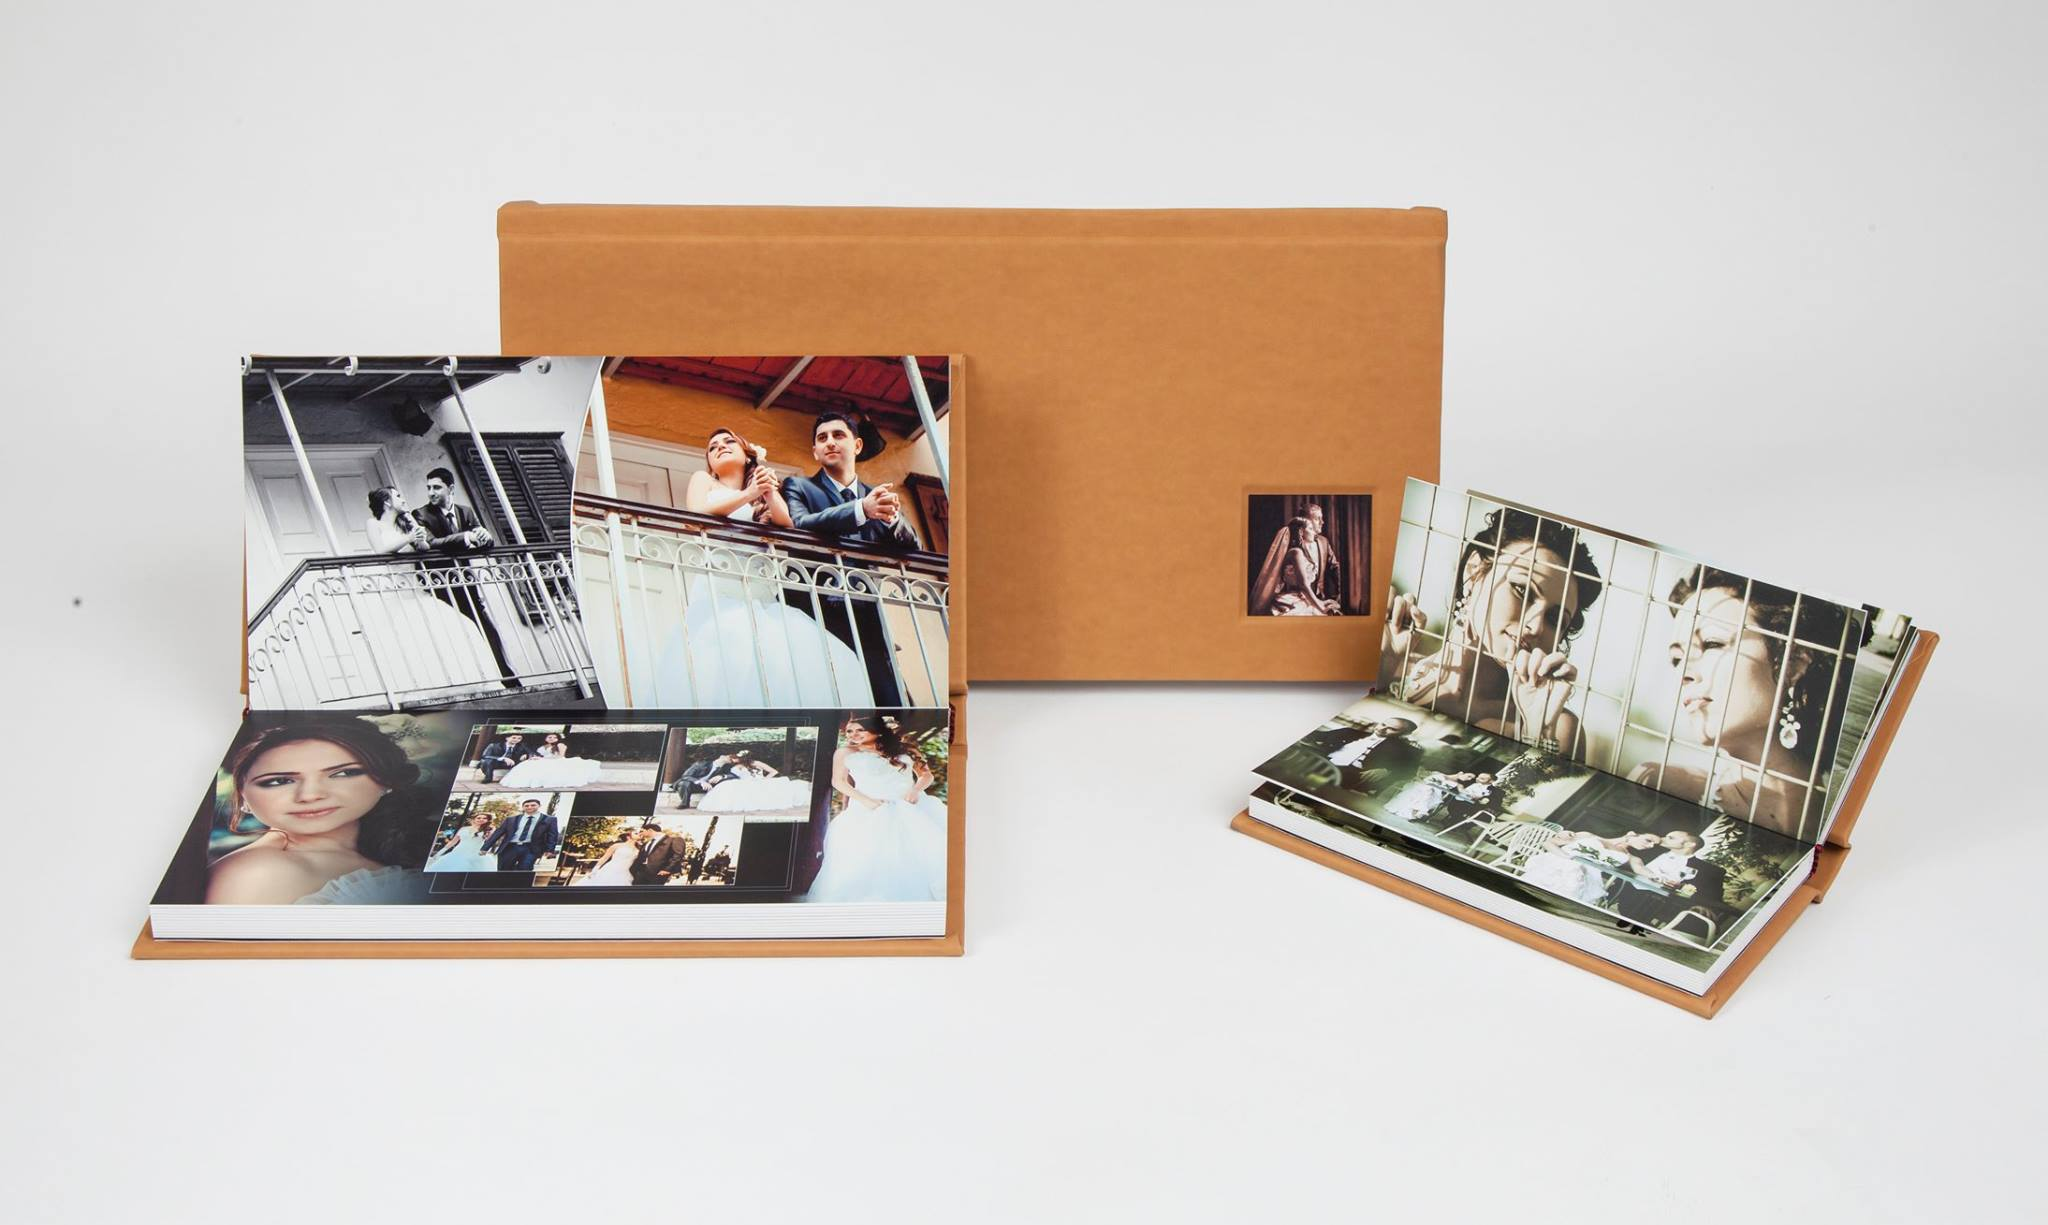 צילום אלבום תמונות